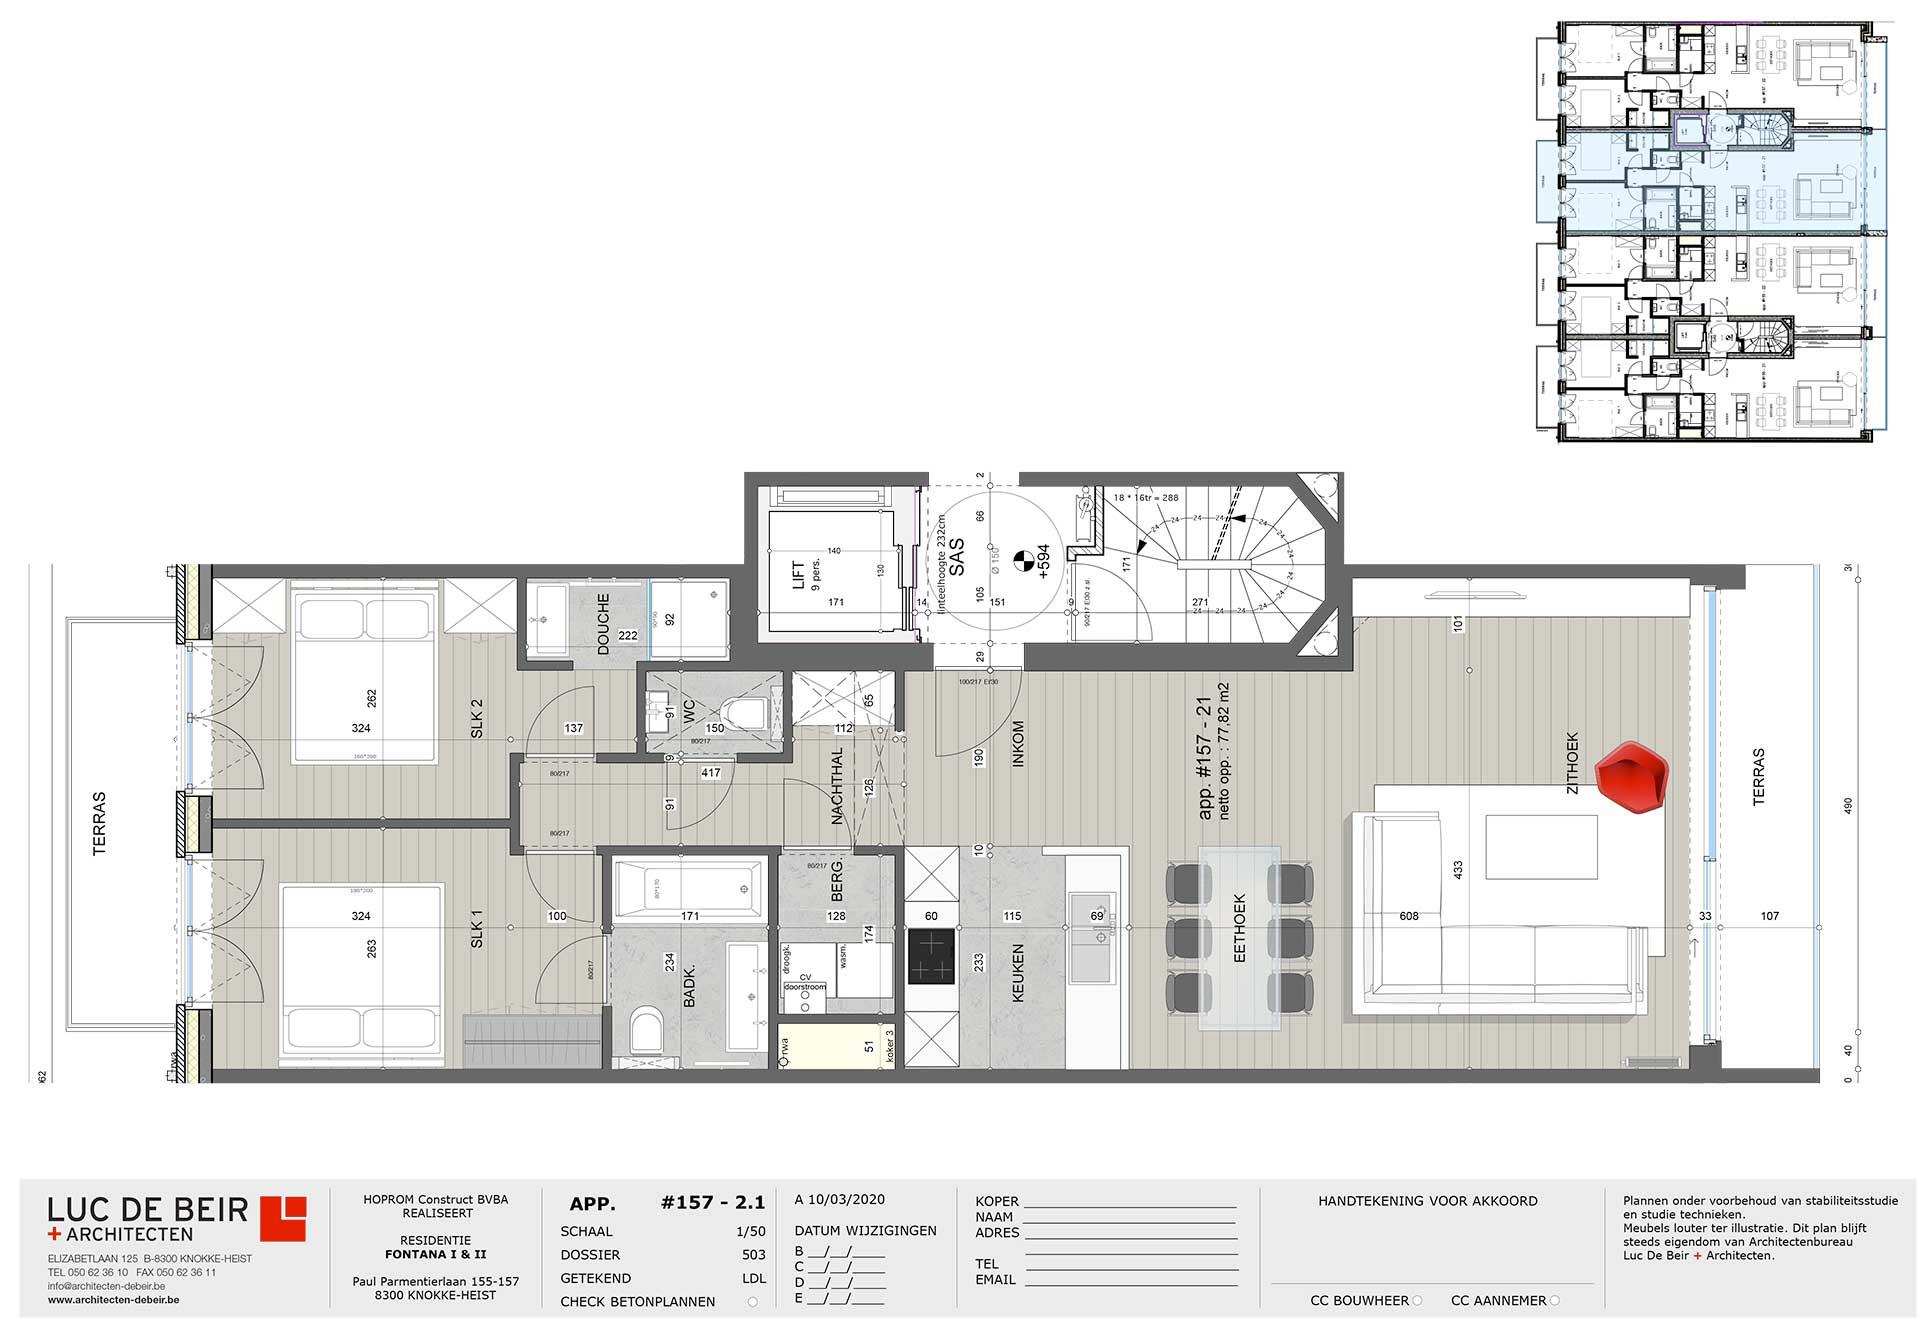 Residentie <br/> Fontana - image residentie-fontana-appartement-te-koop-knokke-plannen-157-21-2 on https://hoprom.be